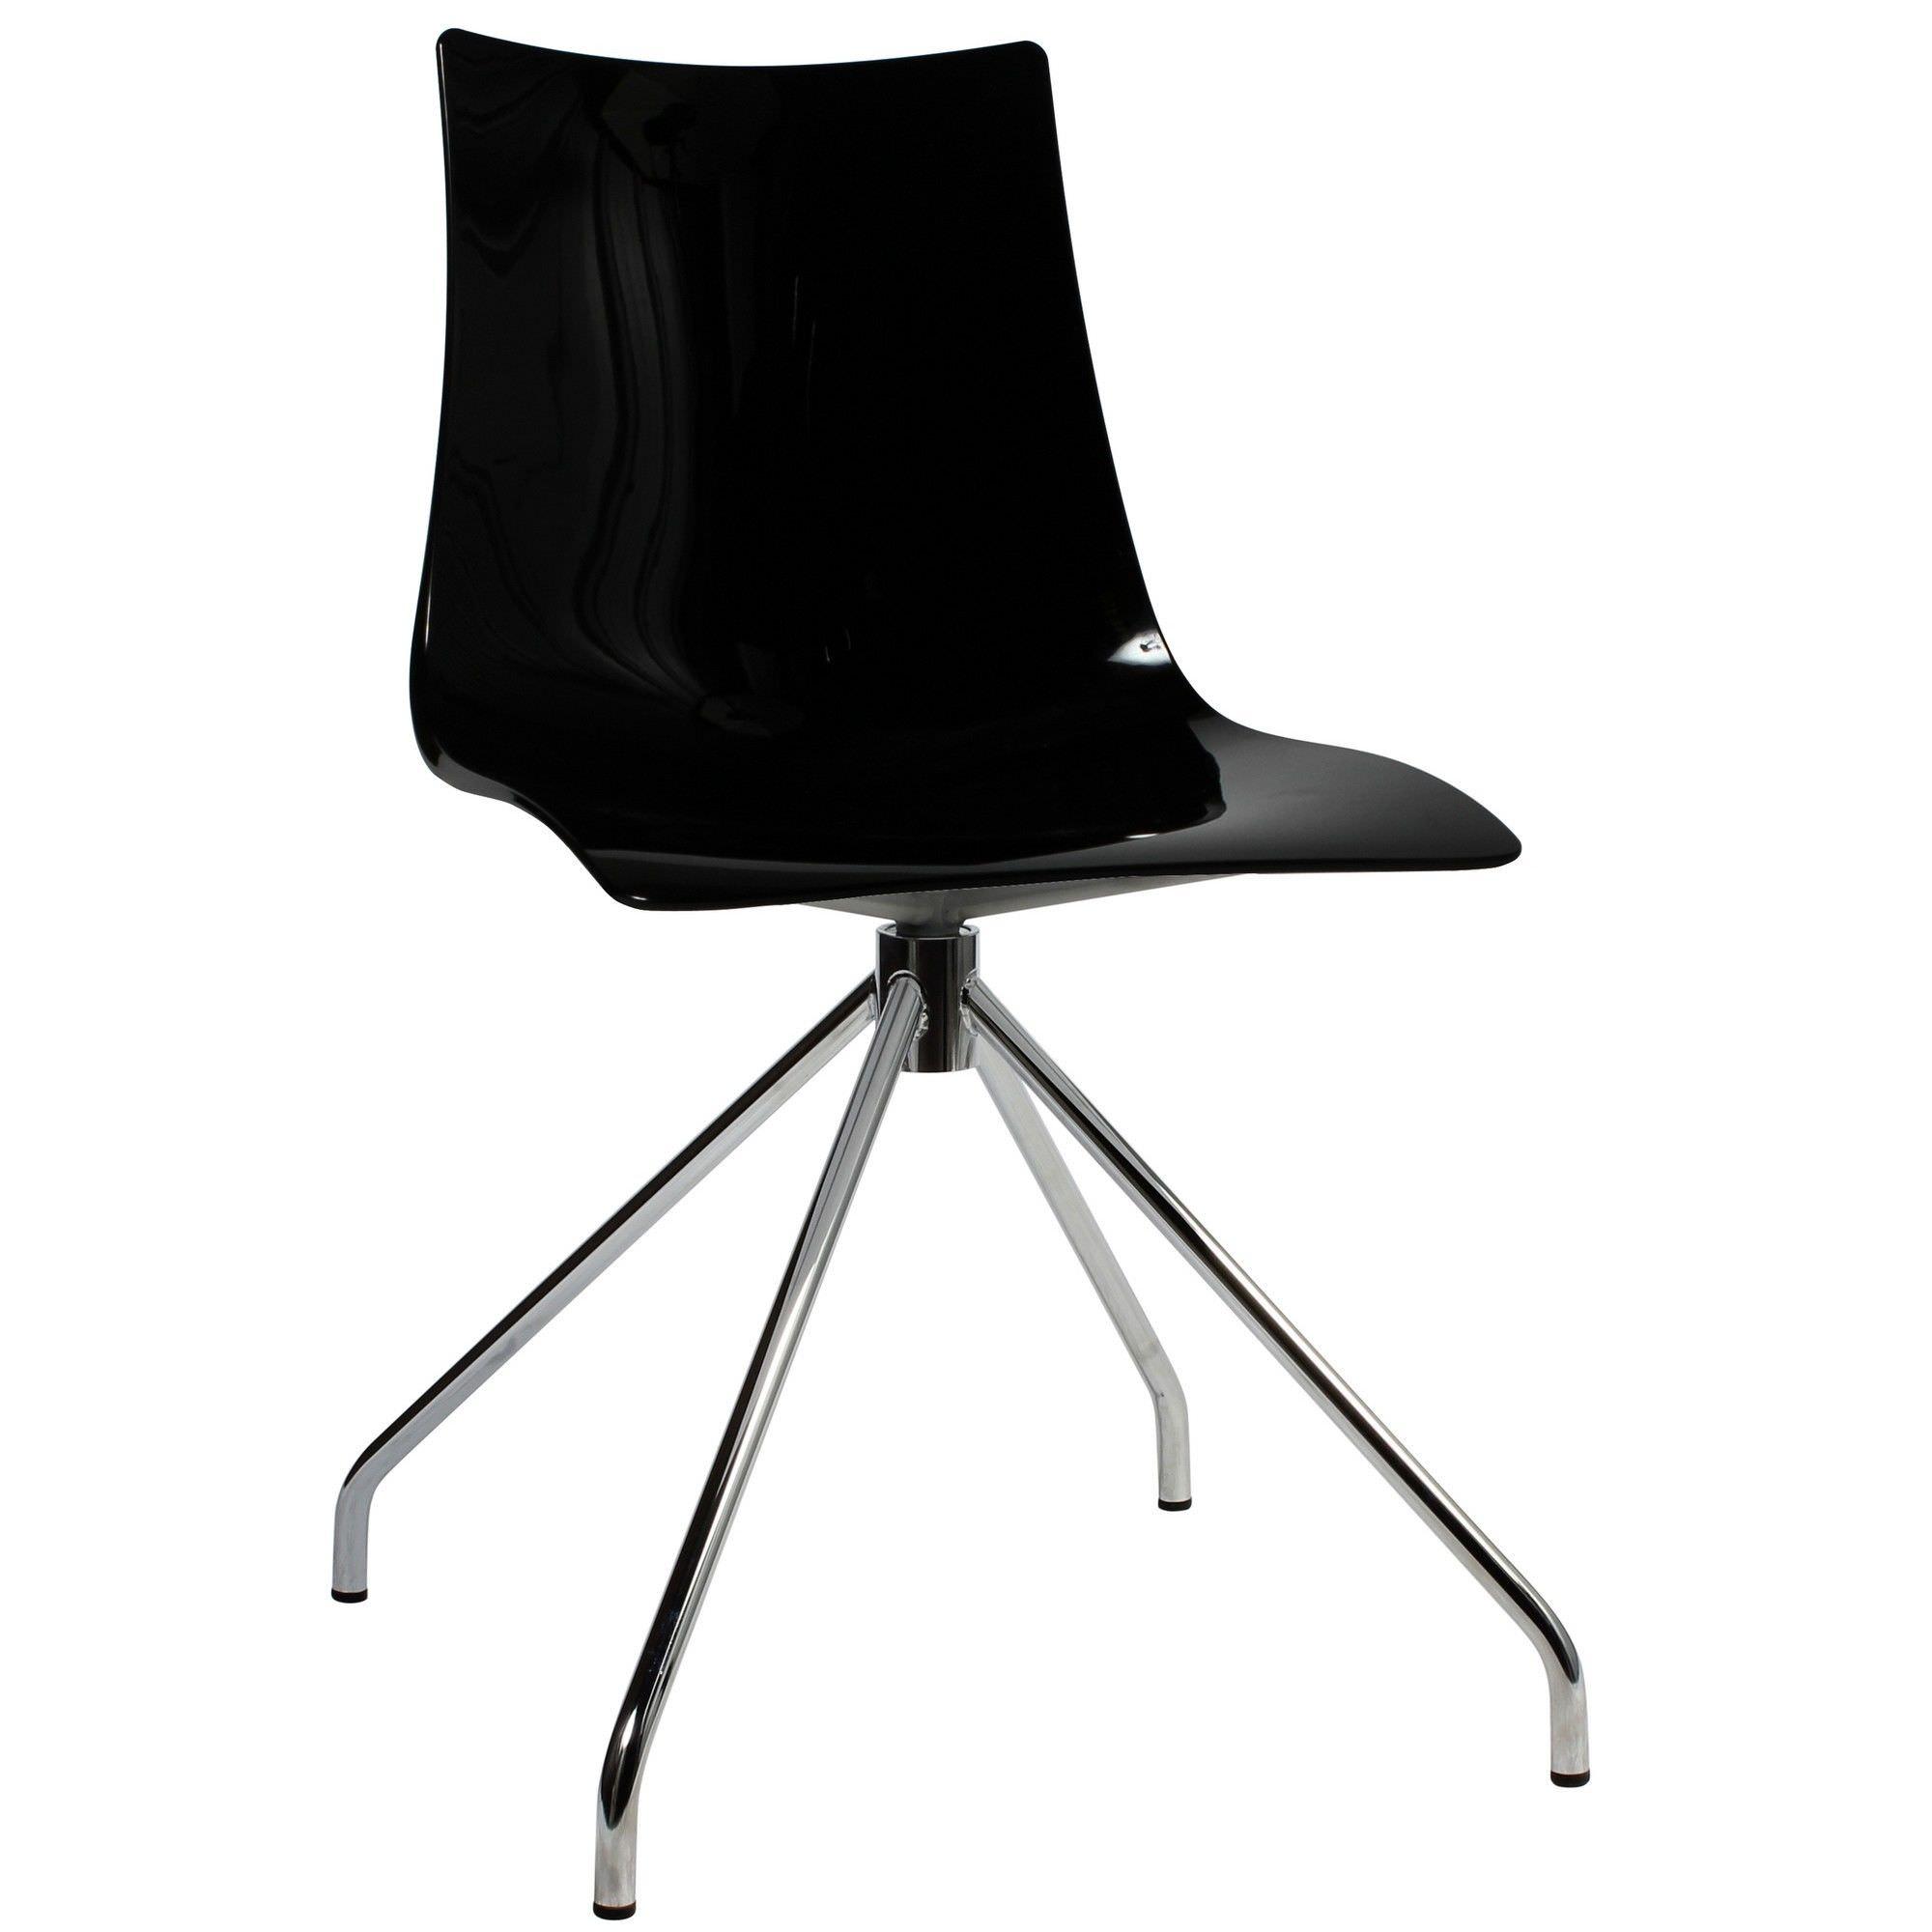 Zebra Italian Made Commercial Grade Dining Chair, Trestle Leg, Black / Chrome